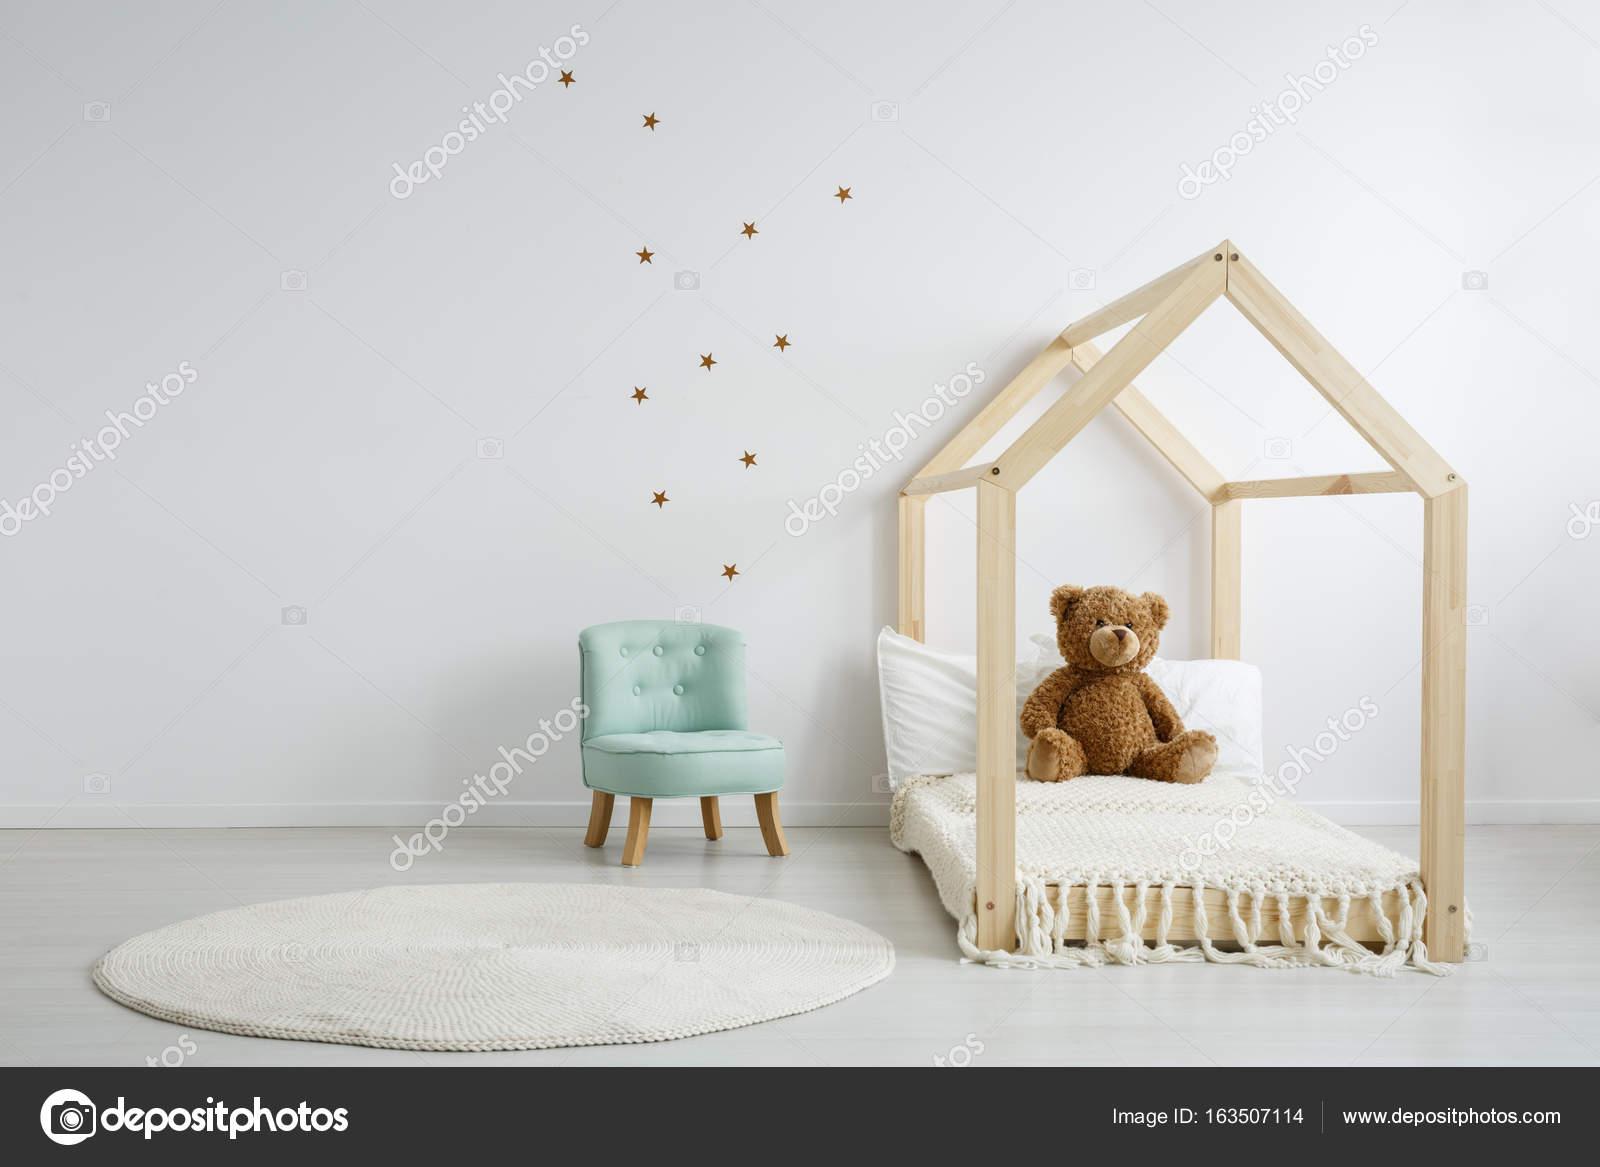 Stoel Voor Op Slaapkamer.Elegante Chique Stoel In Slaapkamer Stockfoto C Photographee Eu